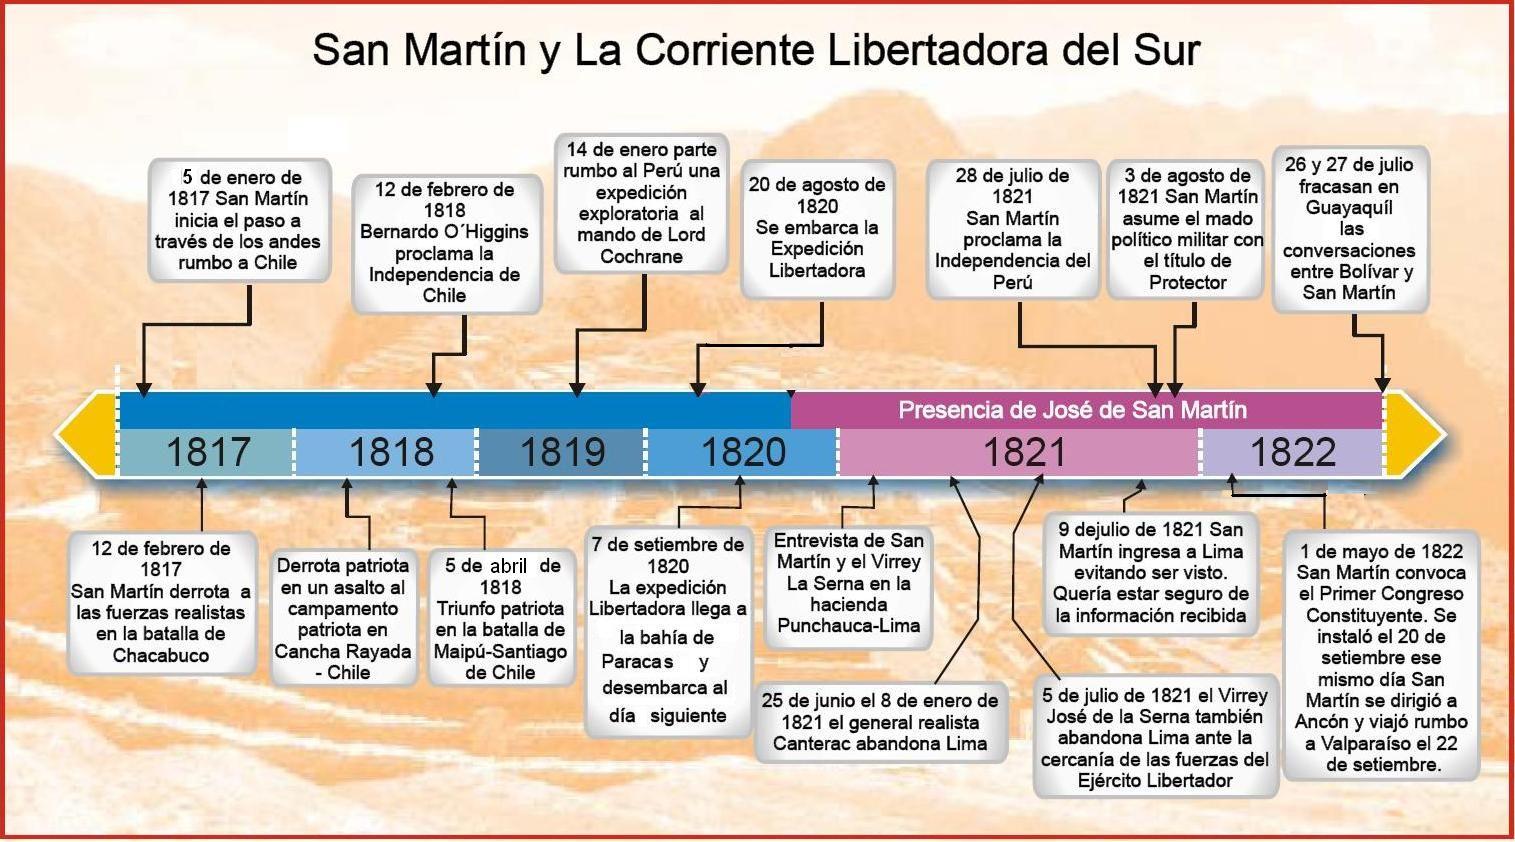 San Martín y la corriente libertadora del sur | José Francisco de ...